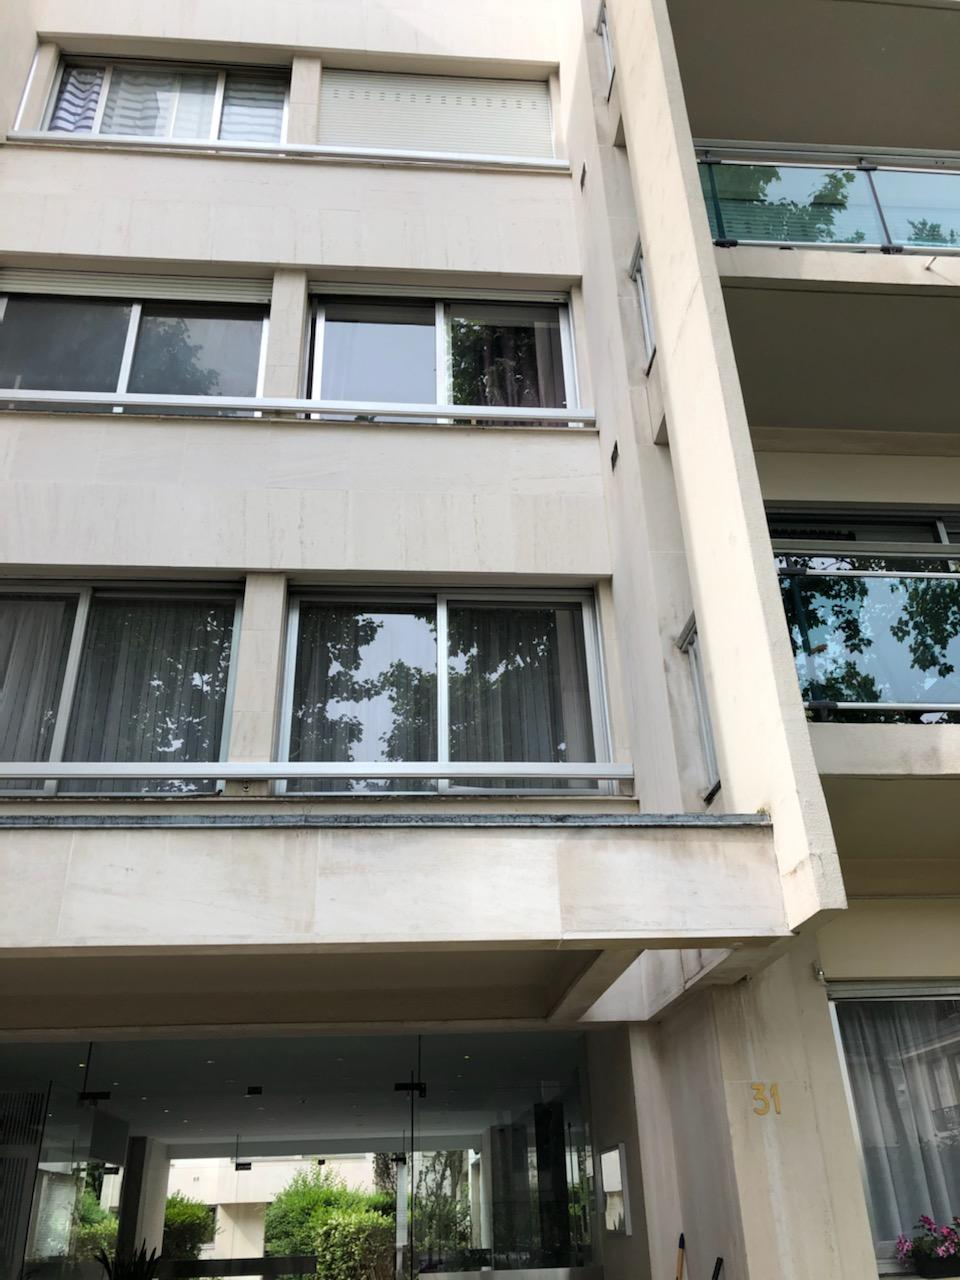 chambre aménagée -3é etage -claire -sur rue calme- ascenseur